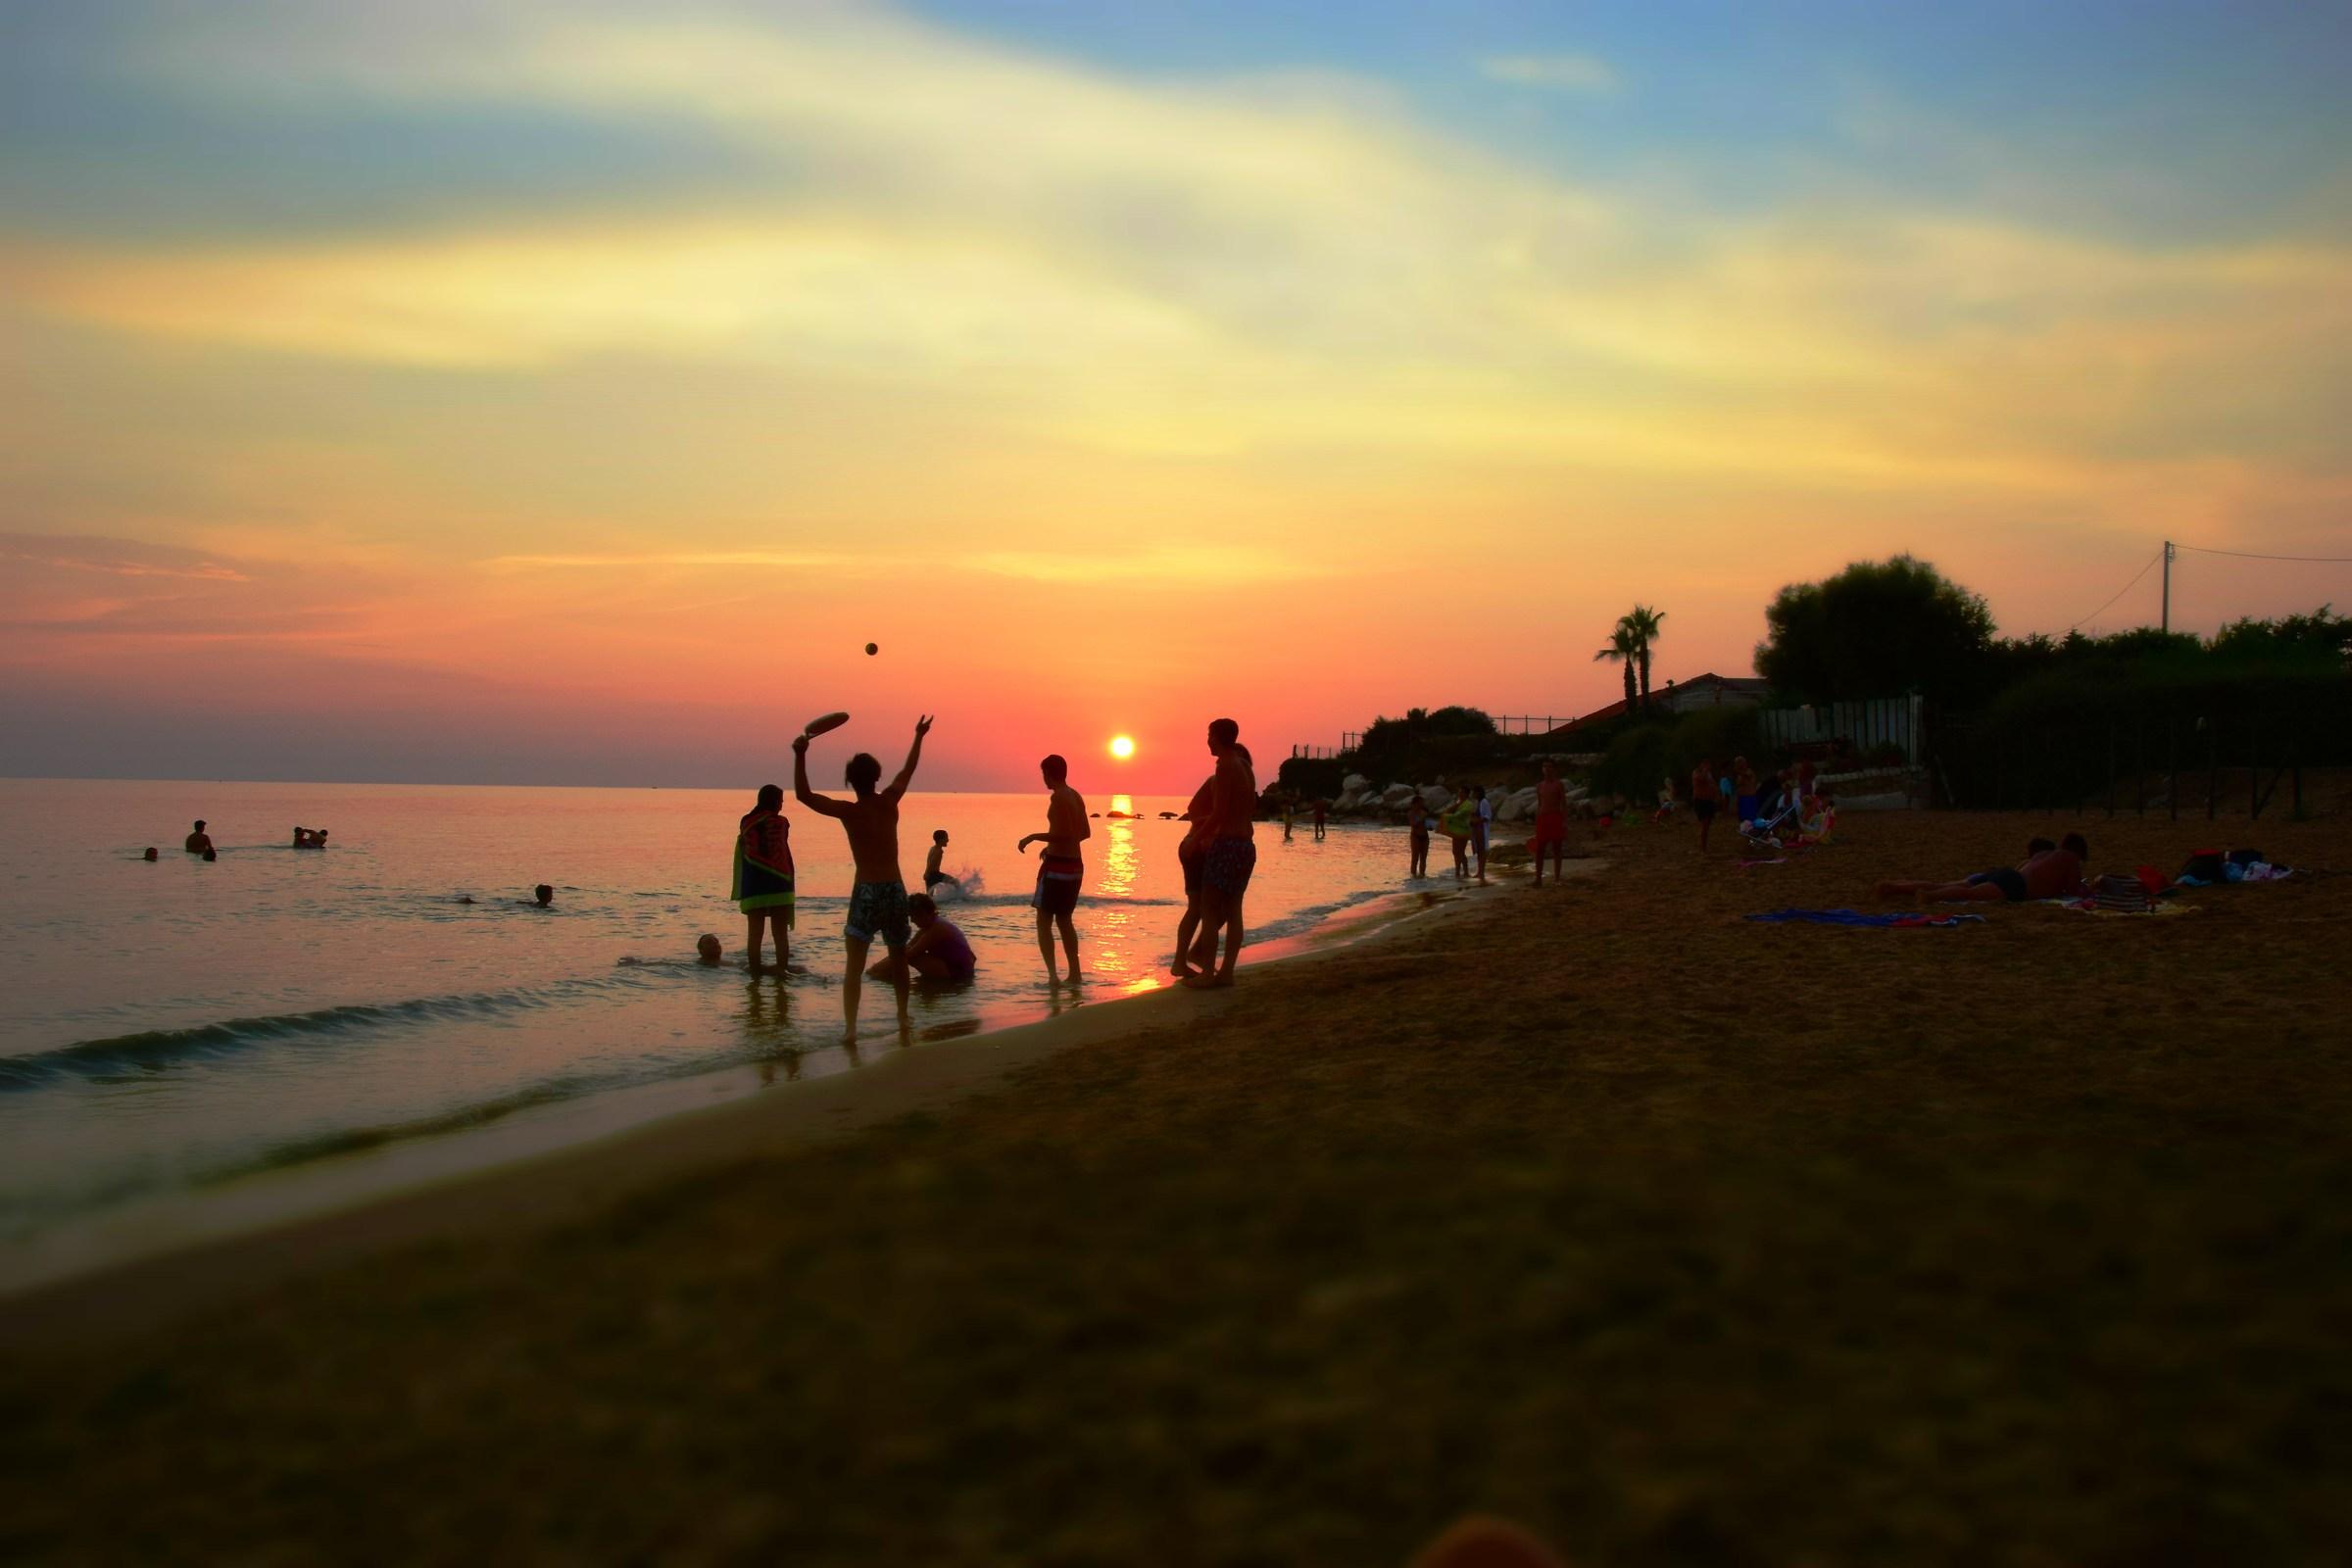 crowded beach?...